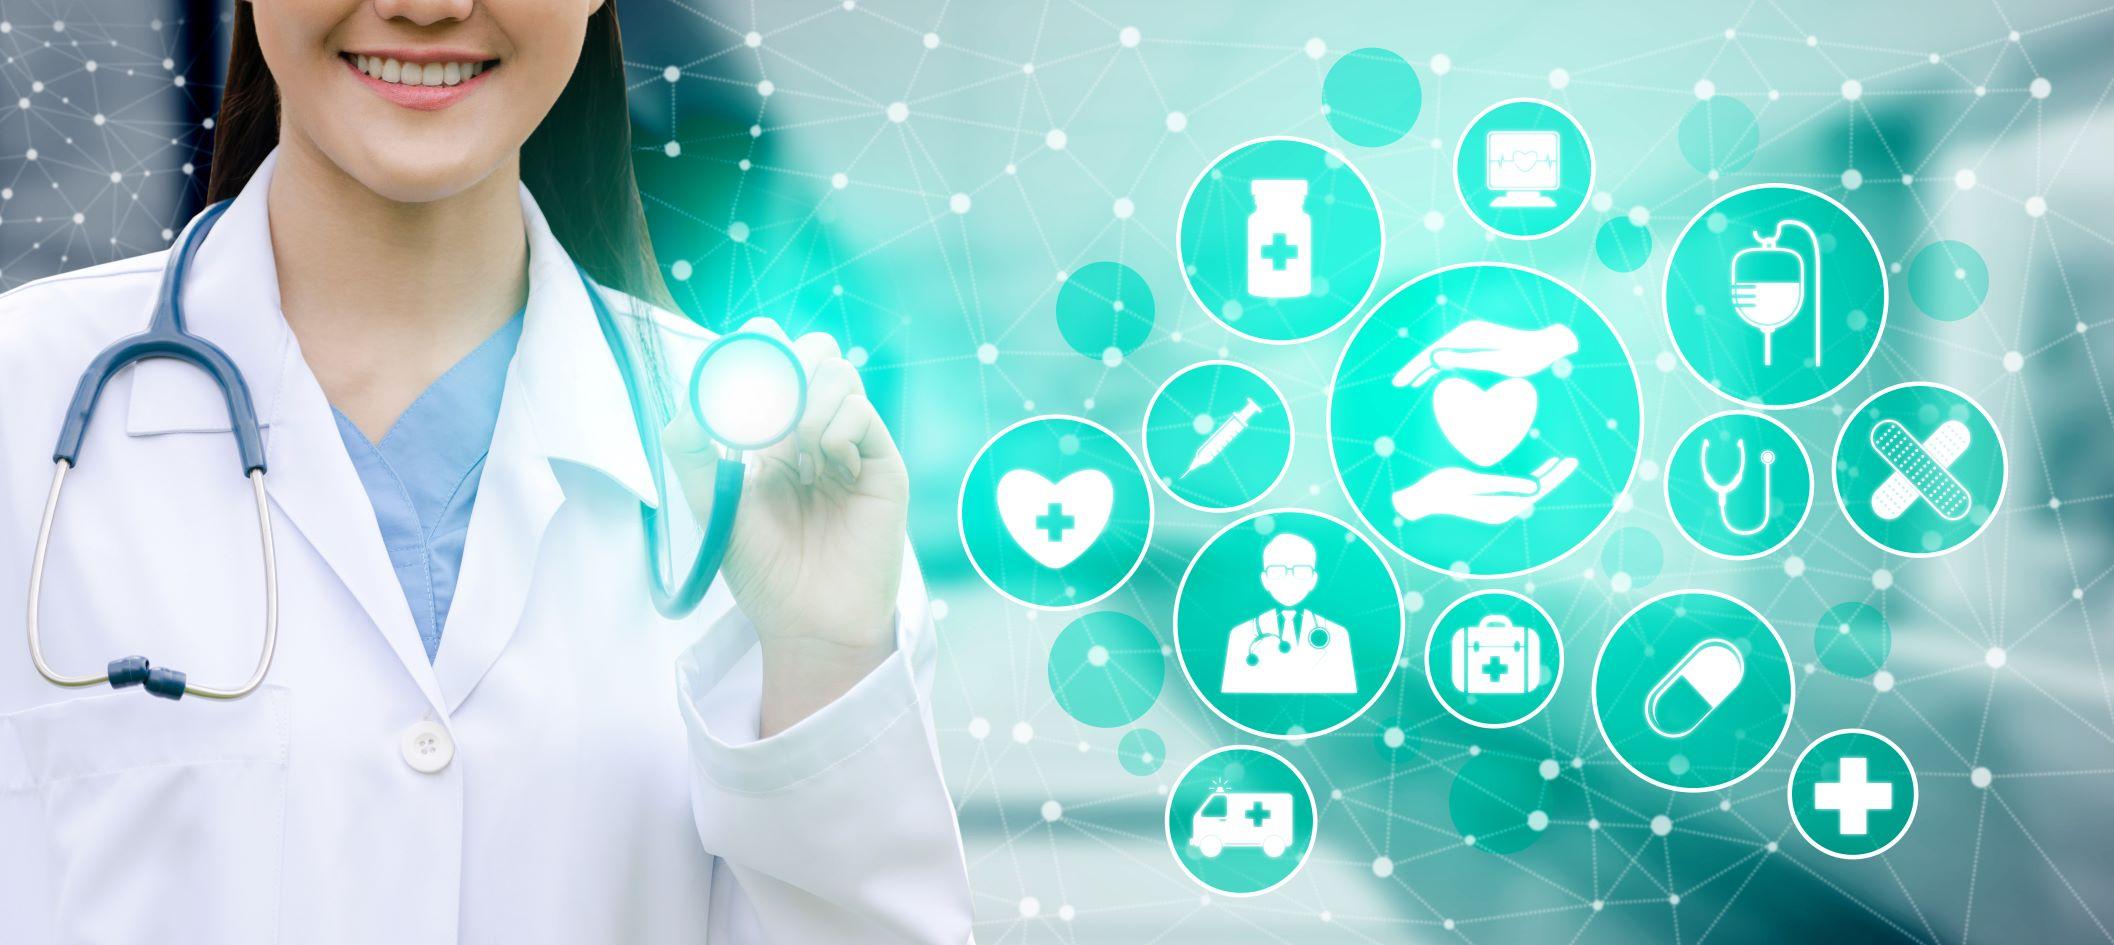 Digital Patient Engagement